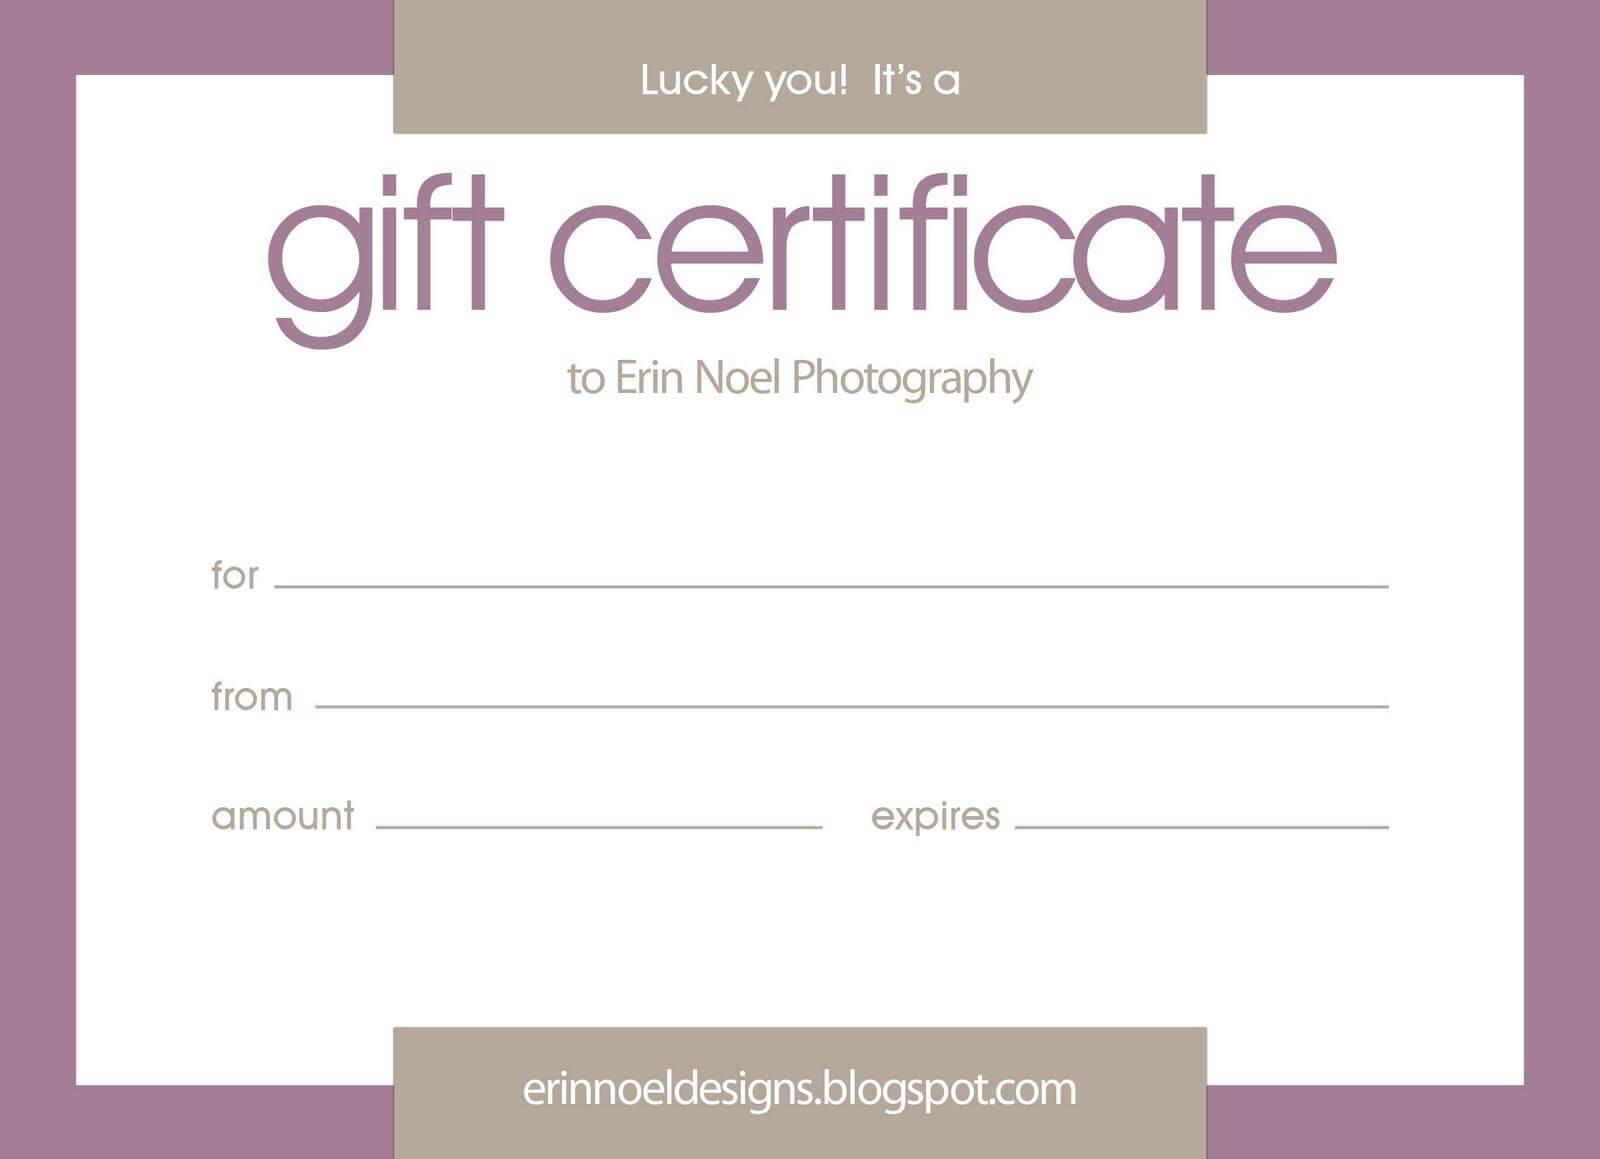 Erin Noel Designs: Gift Certificates!   Gift Certificate For Gift Certificate Template Indesign